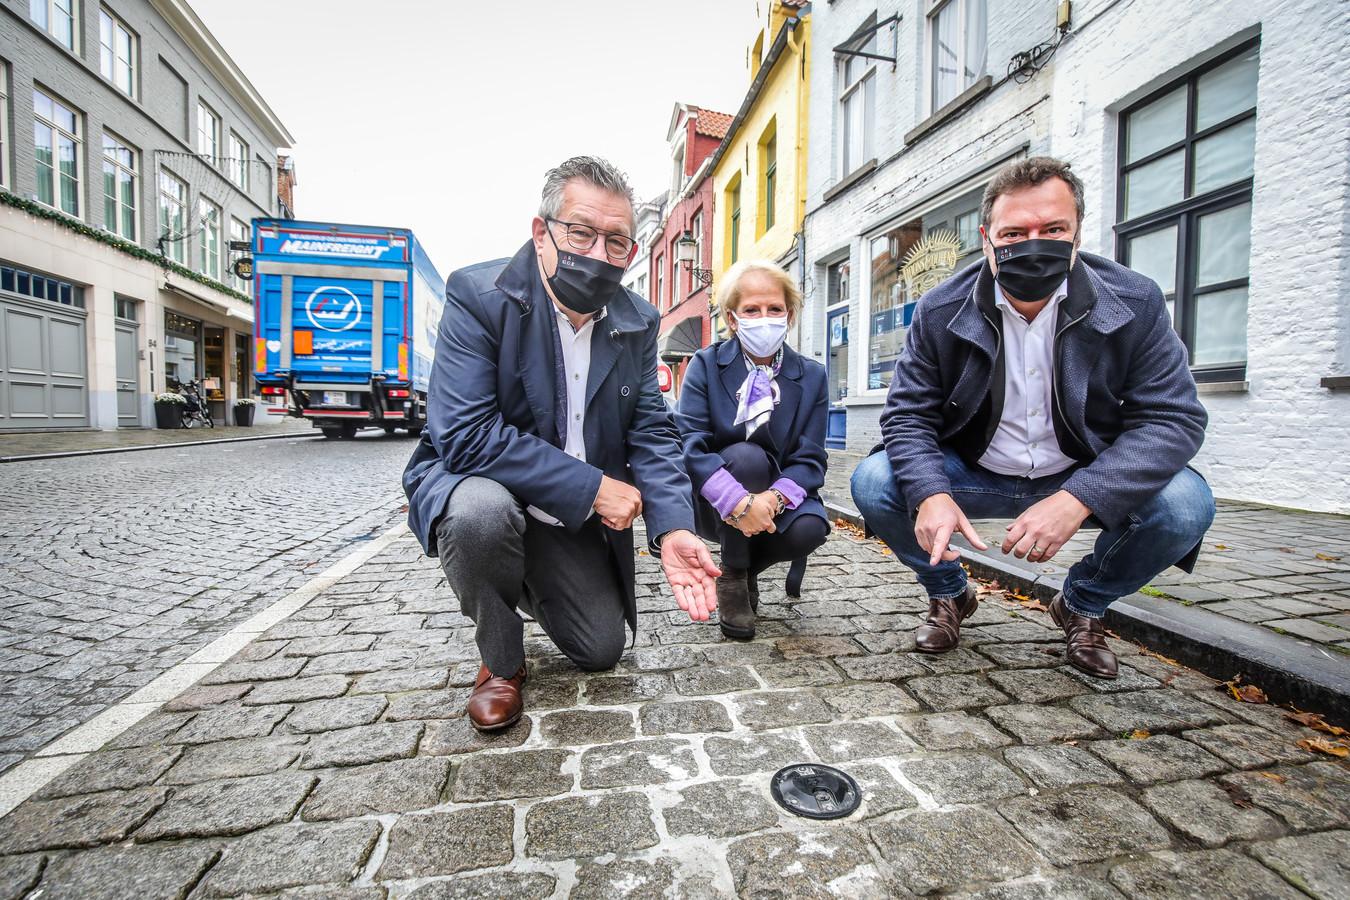 Brugge voorstelling sensoren kort parkeren